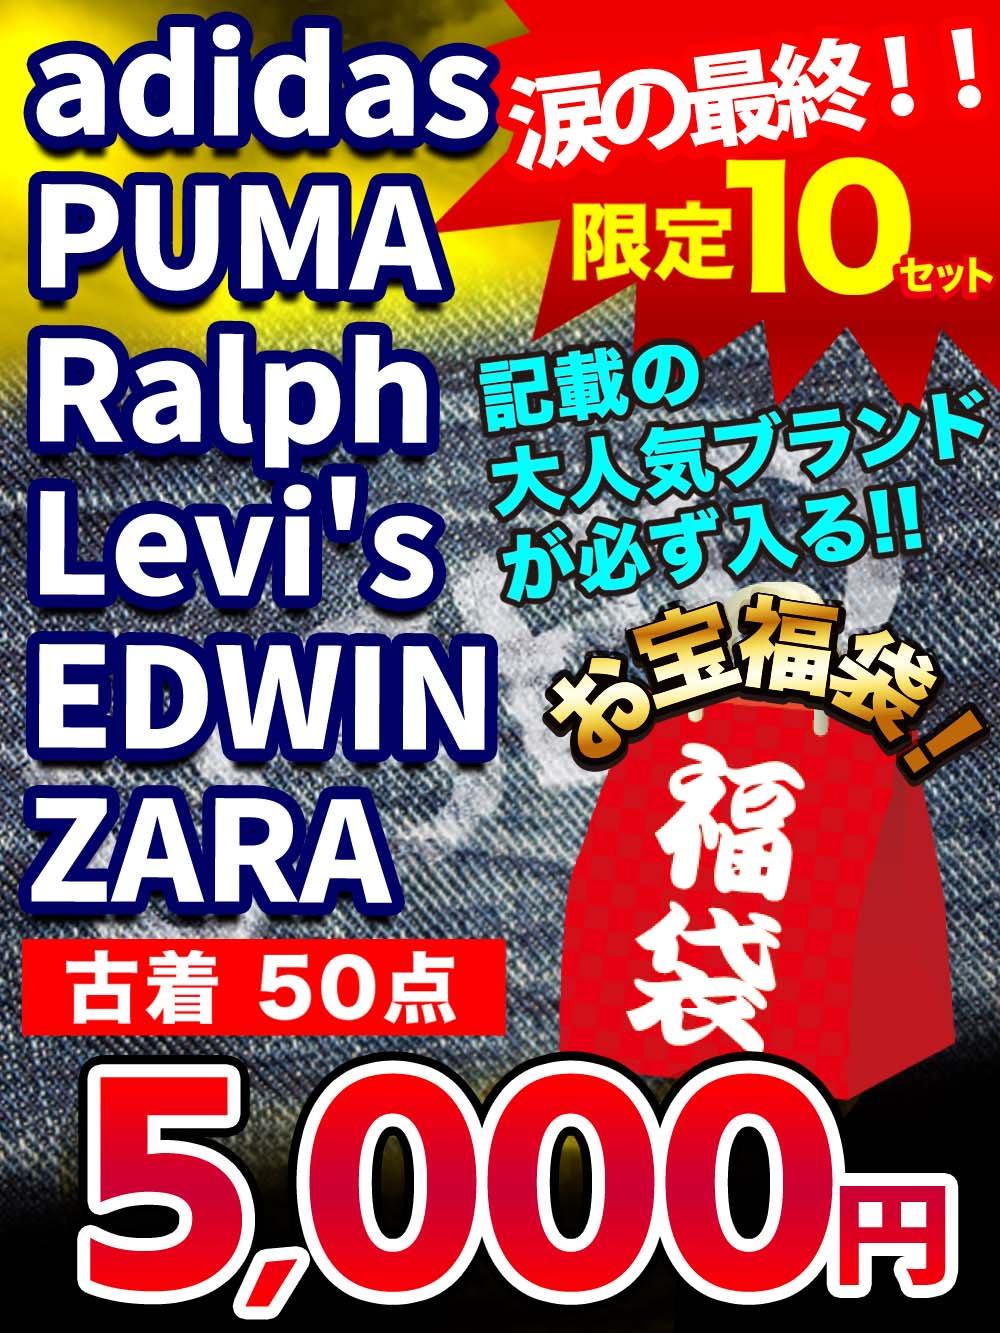 【涙の最終ALL100円】Ralph・adidas・PUMA・ZARA・Levi's・EDWIN必ず入る!!ラストお宝古着福袋!【50点】